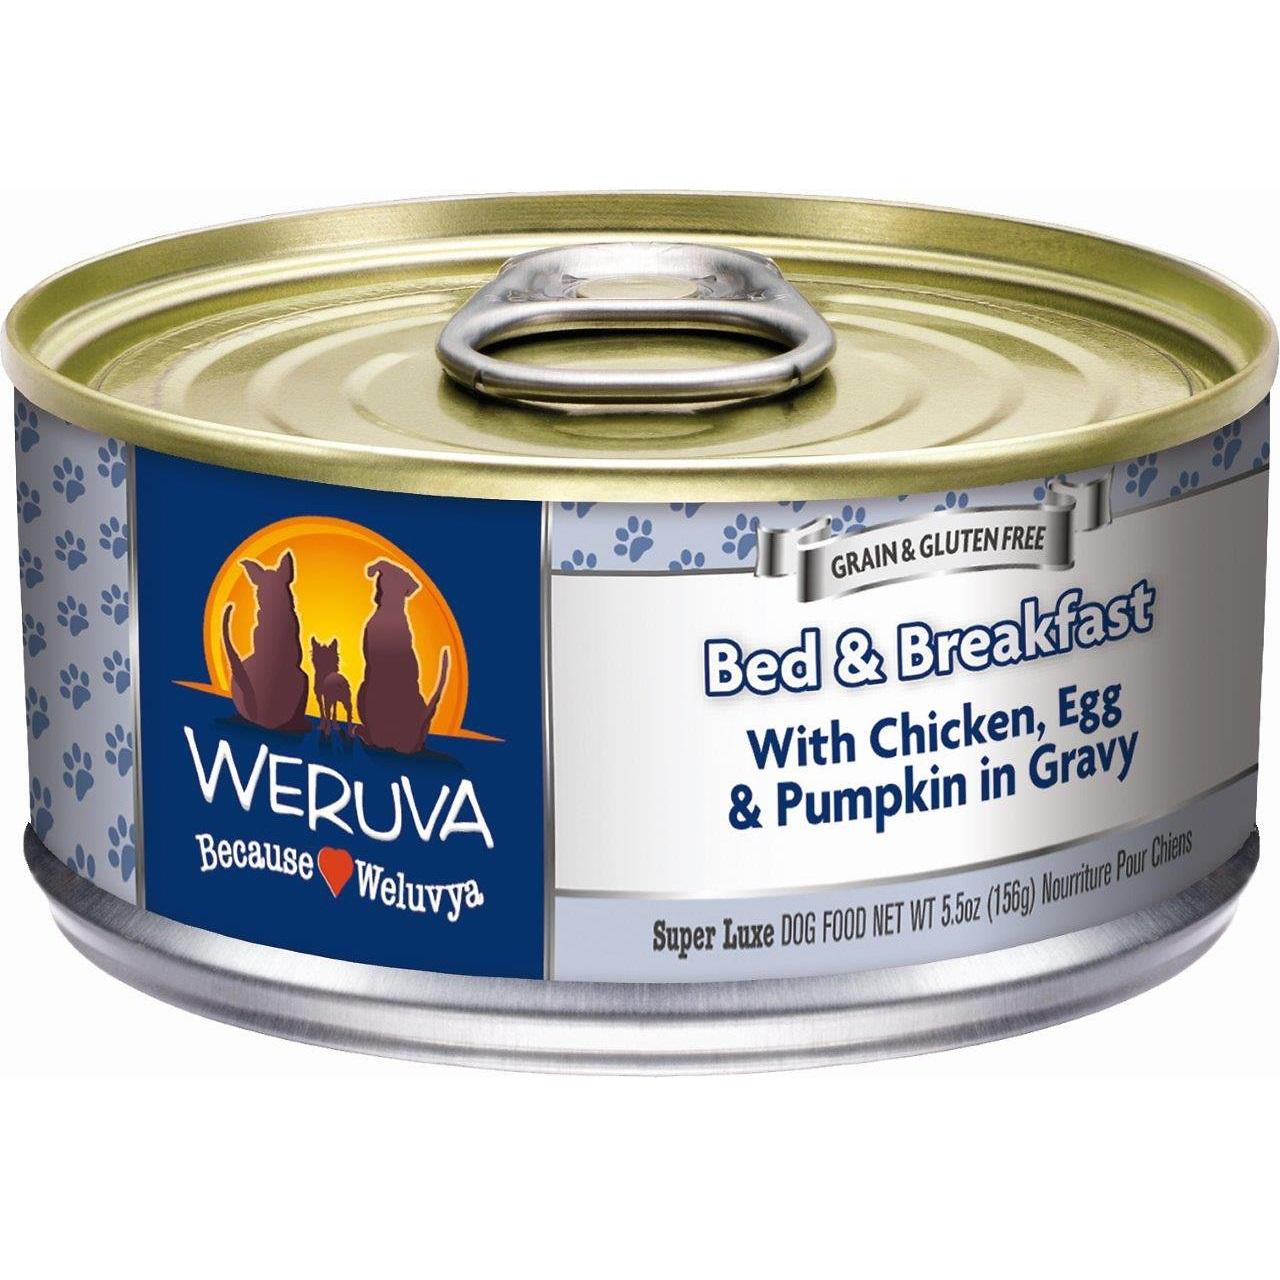 Weruva Bed & Breakfast with Chicken, Egg, & Pumpkin in Gravy Grain-Free Canned Dog Food 5.5z, 24